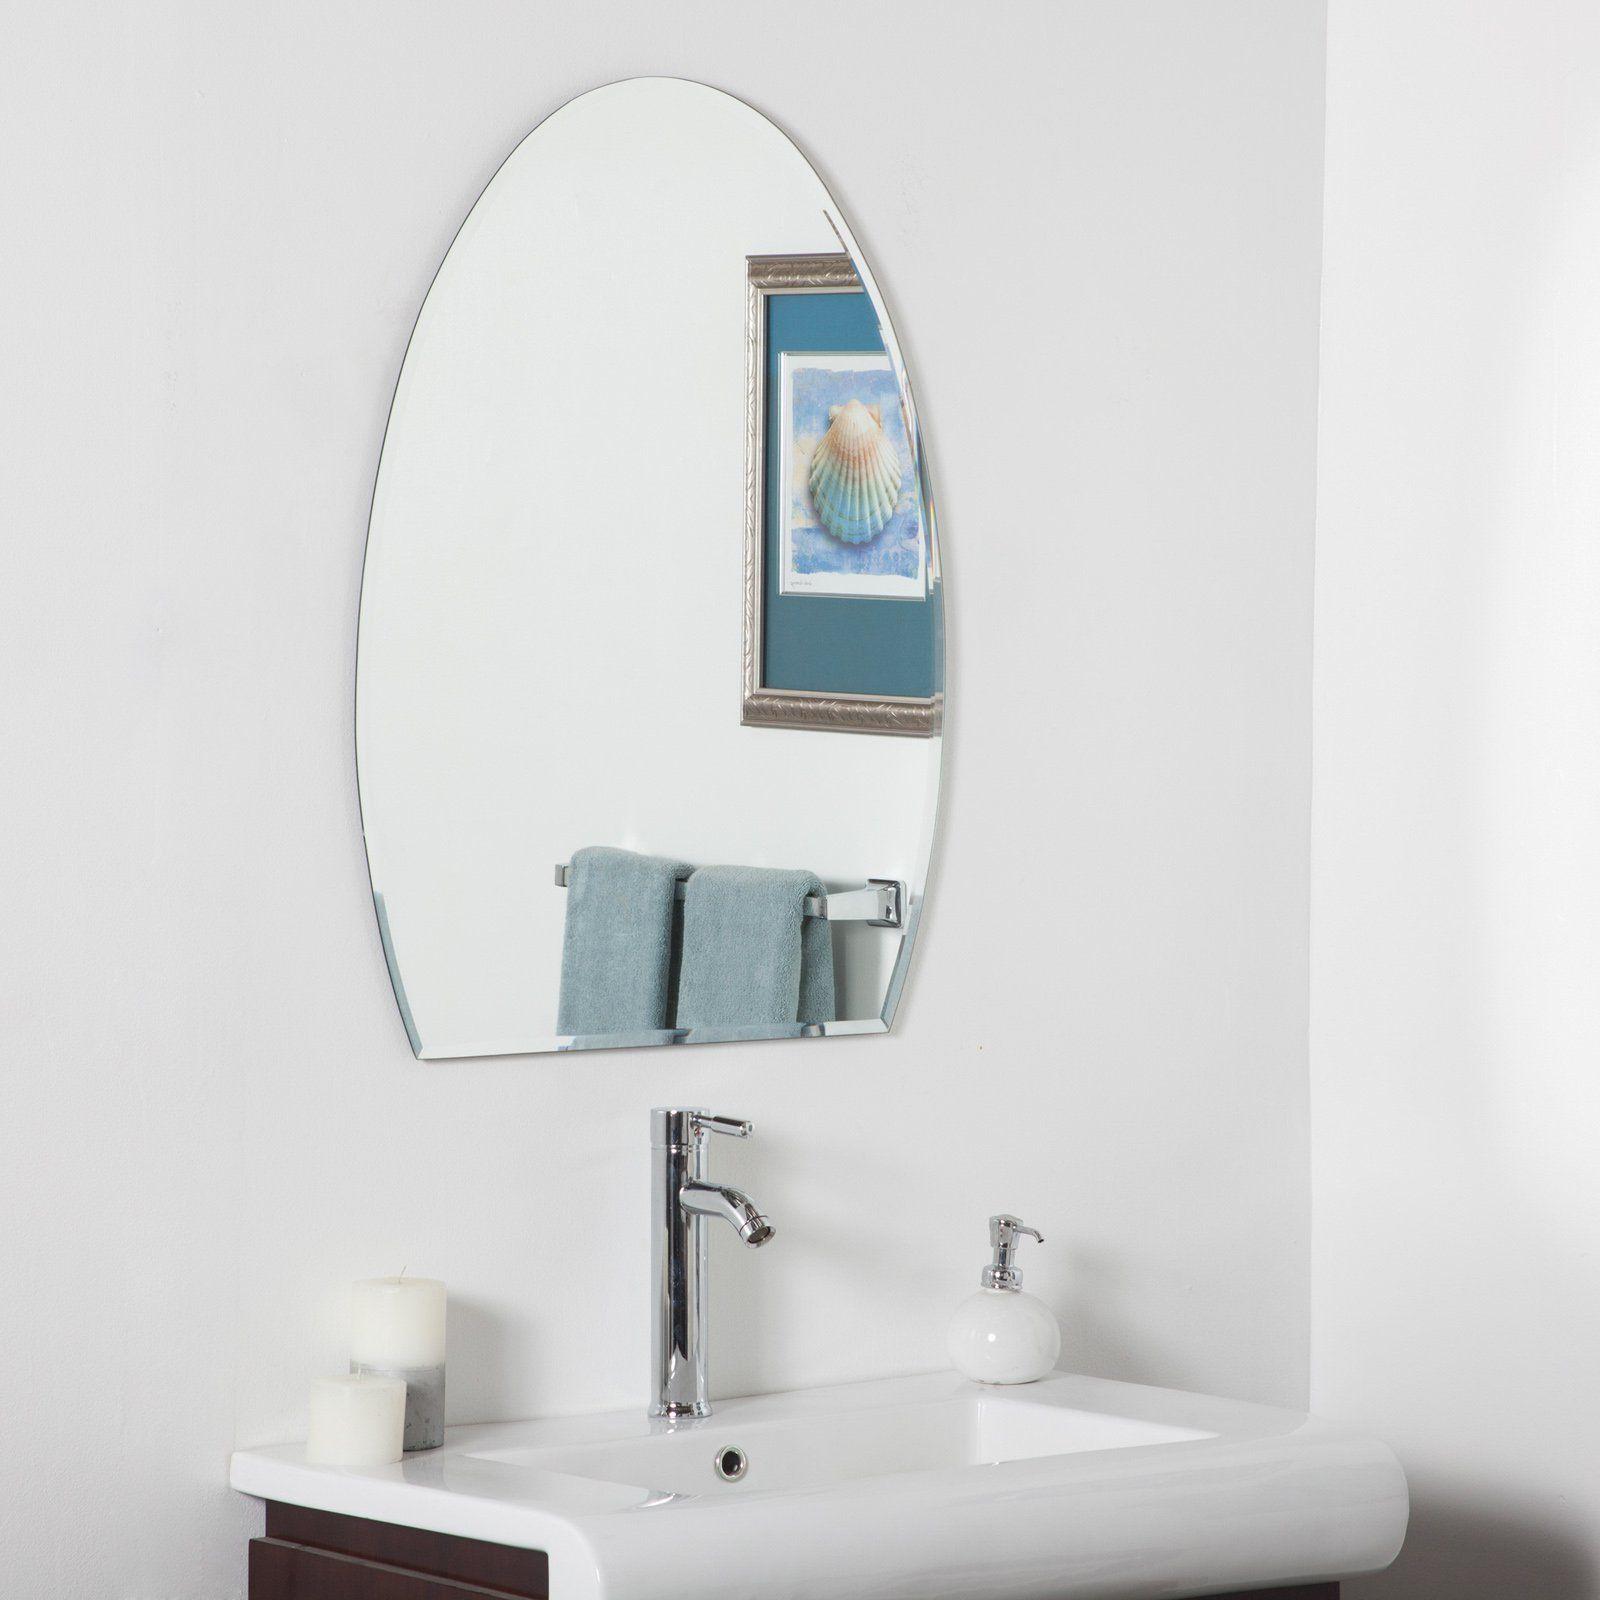 Sena Modern Bathroom Wall Mirror – 24W X 32H In (Image 15 of 20)